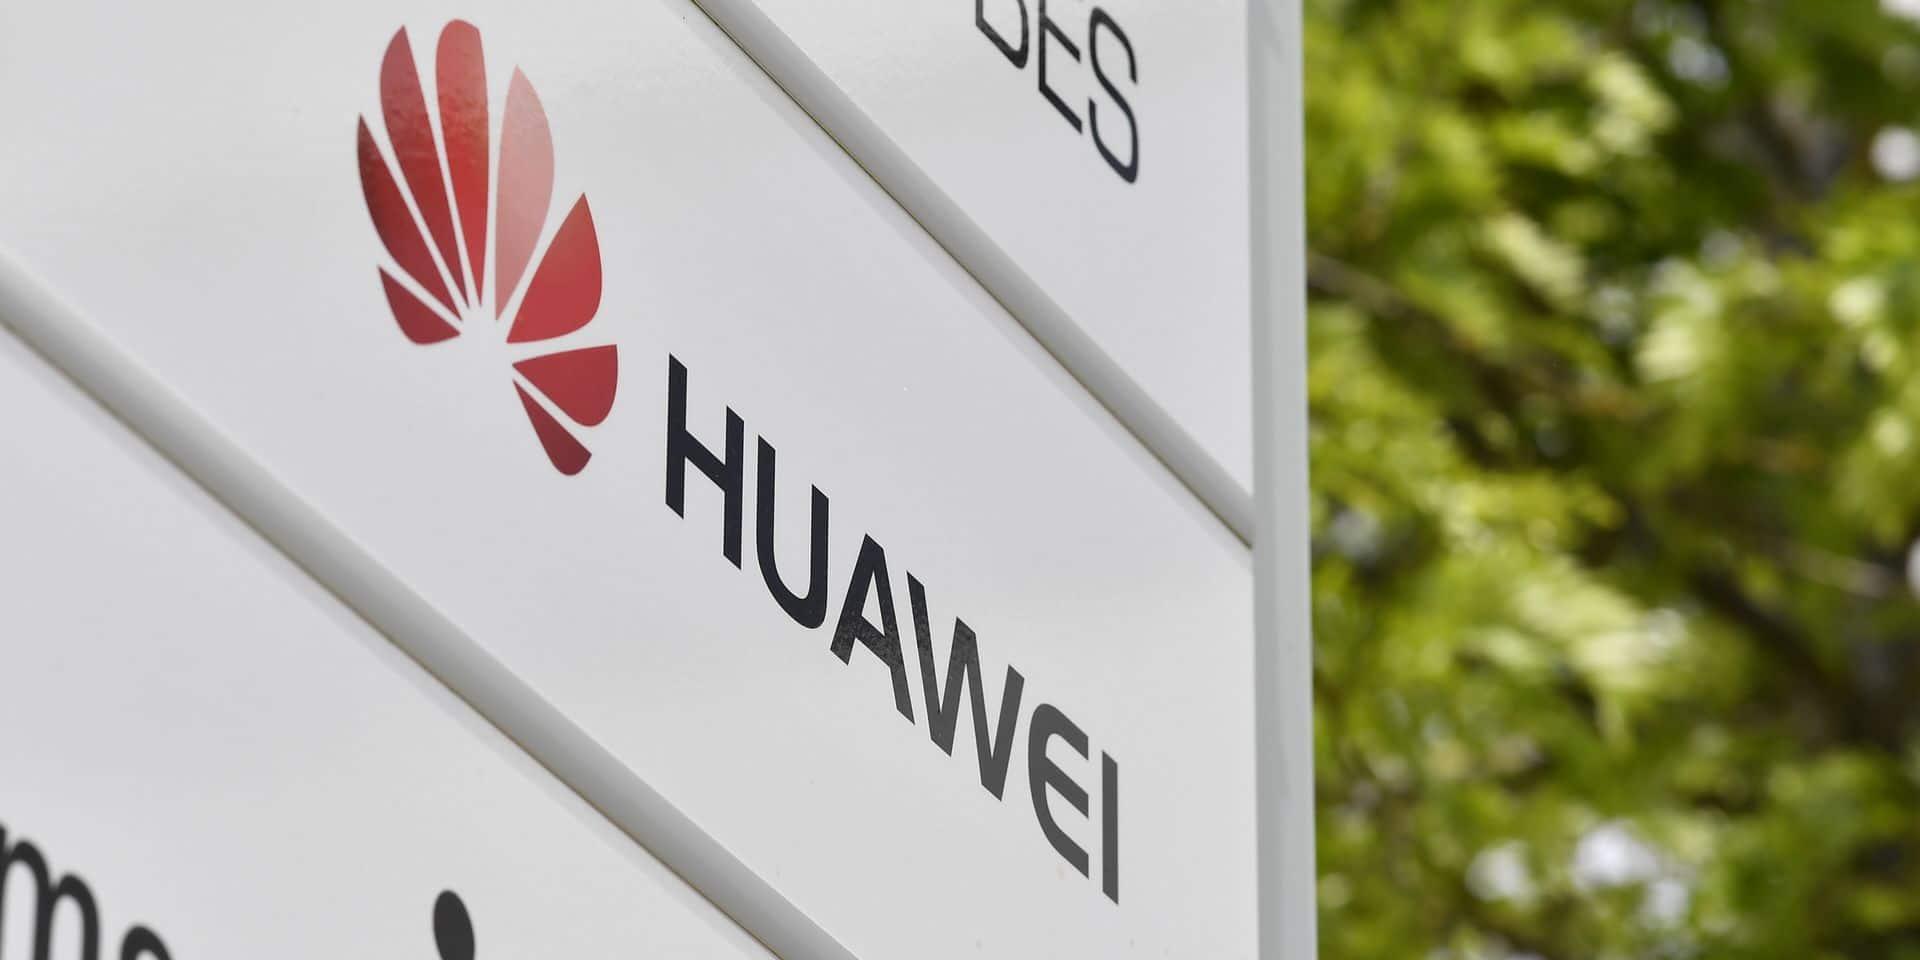 Italie: le chinois Huawei prêt à investir 3 milliards de dollars et créer 1.000 emplois